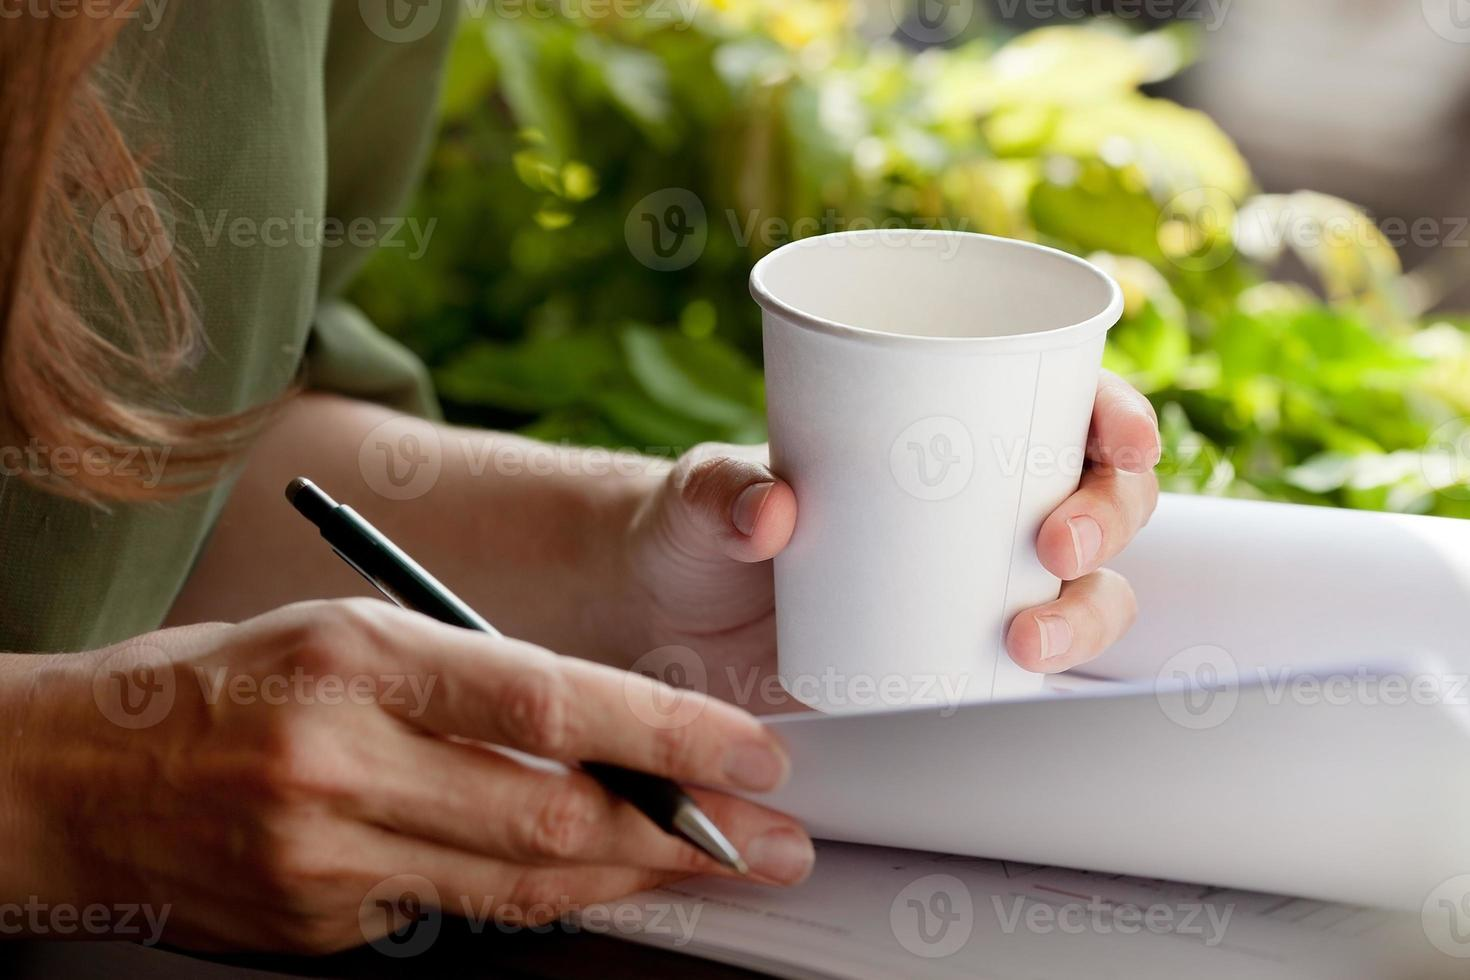 jeune femme au travail, boire du café dans une tasse jetable. photo